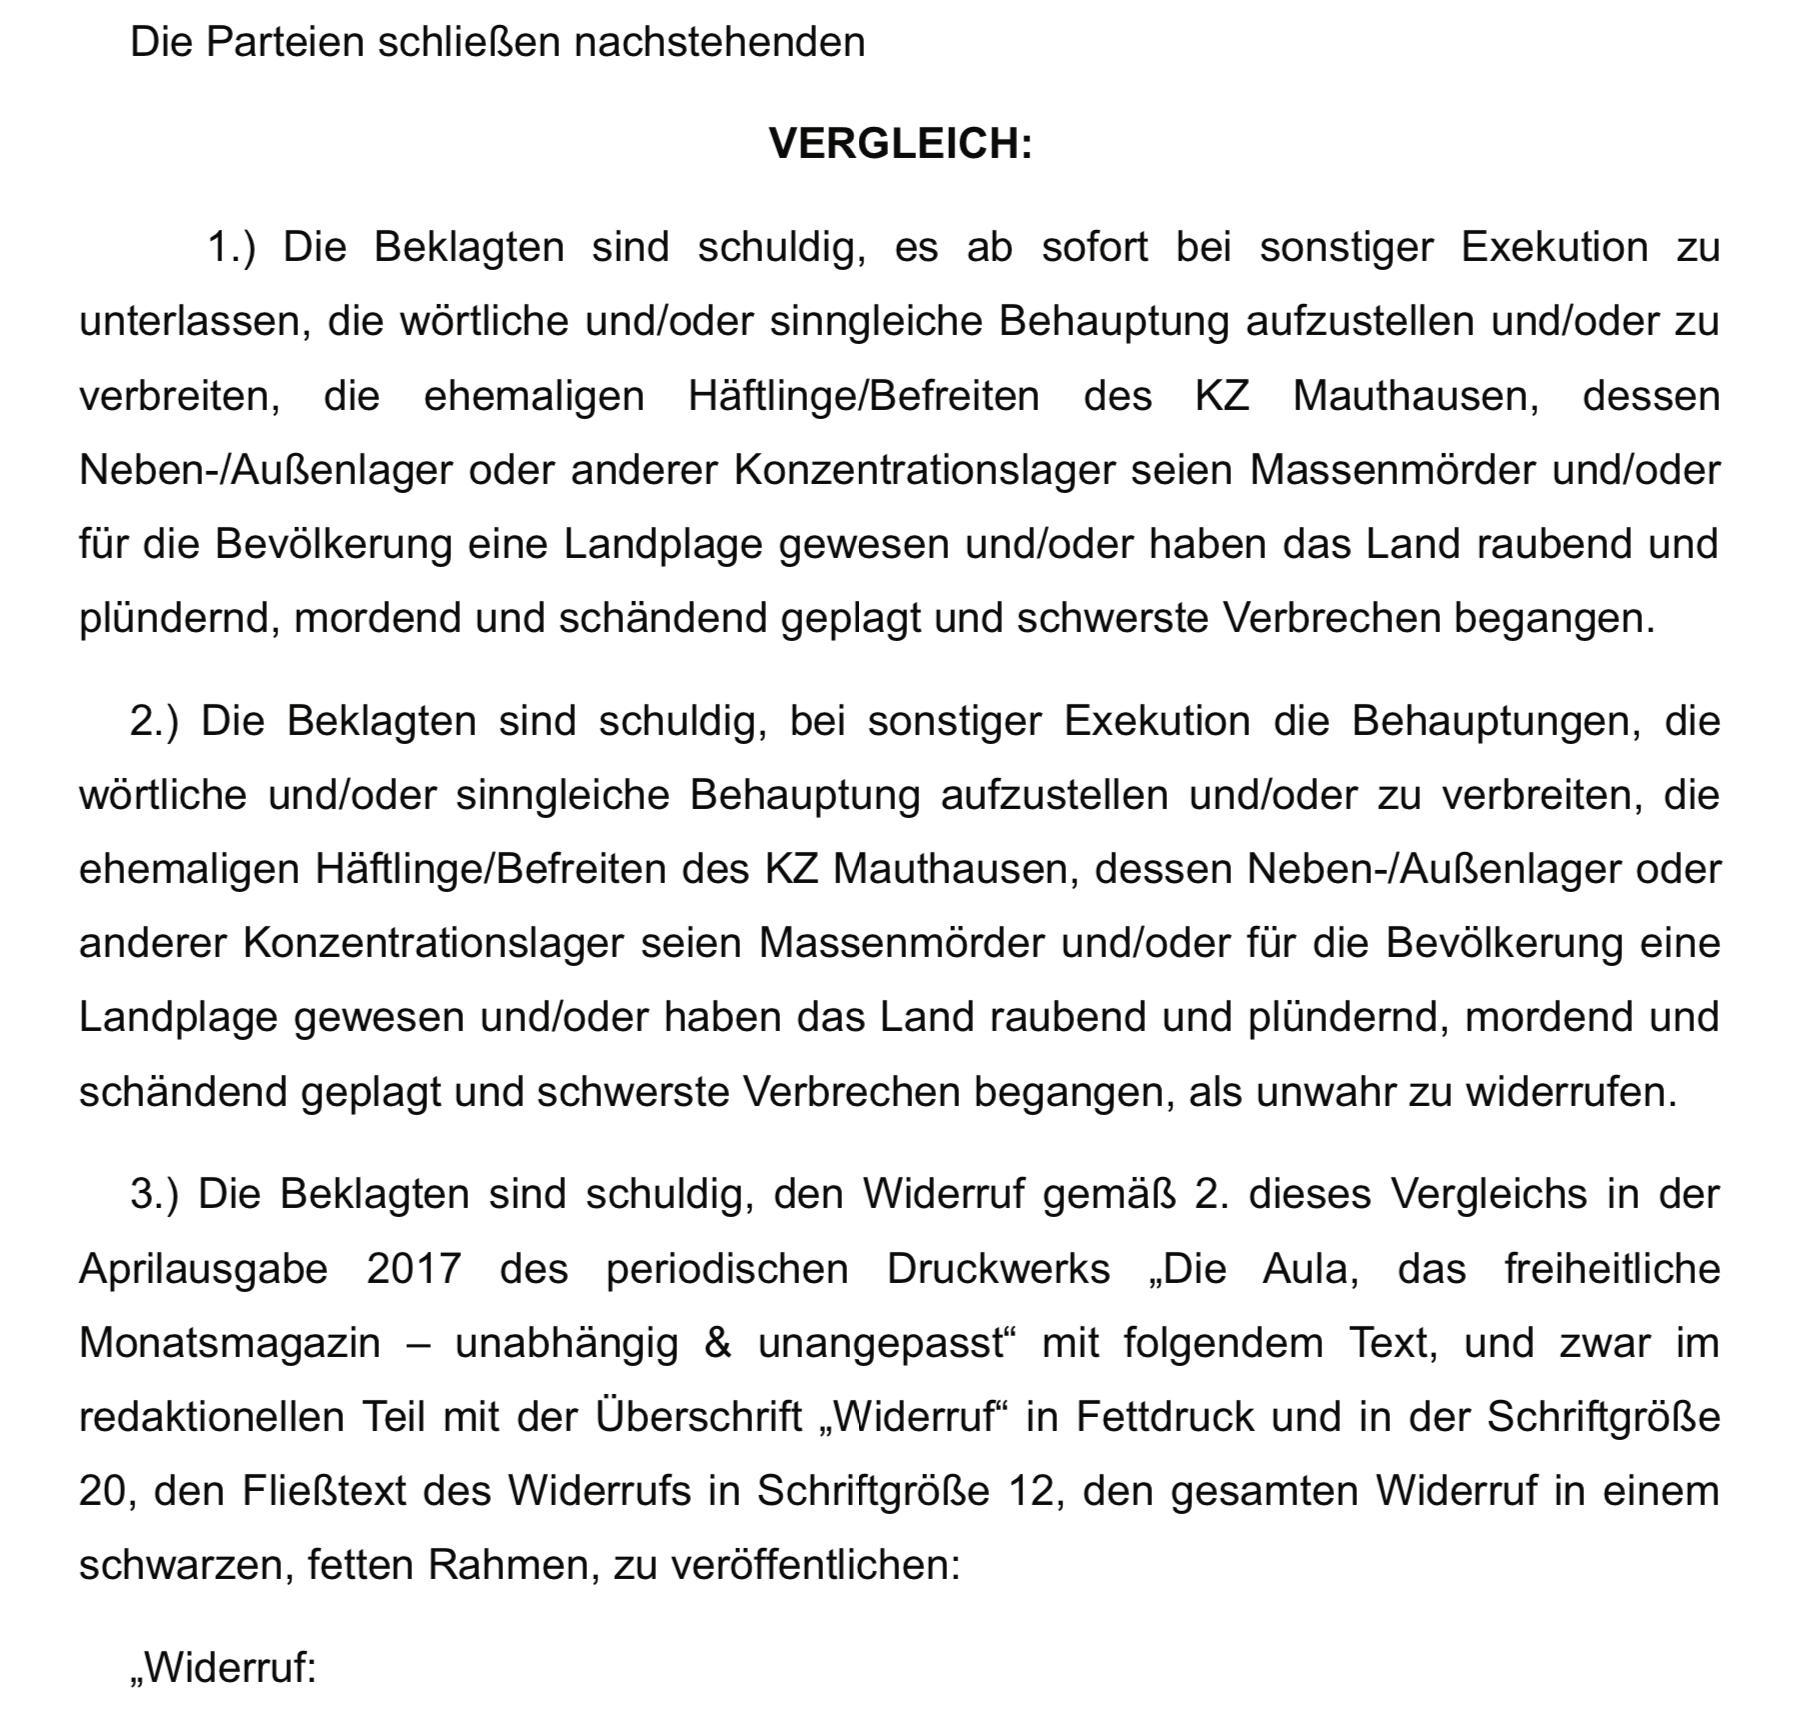 Vergleich vom 14.2.17 in der zivilrechtlichen Klage gegen Aula/Duswald